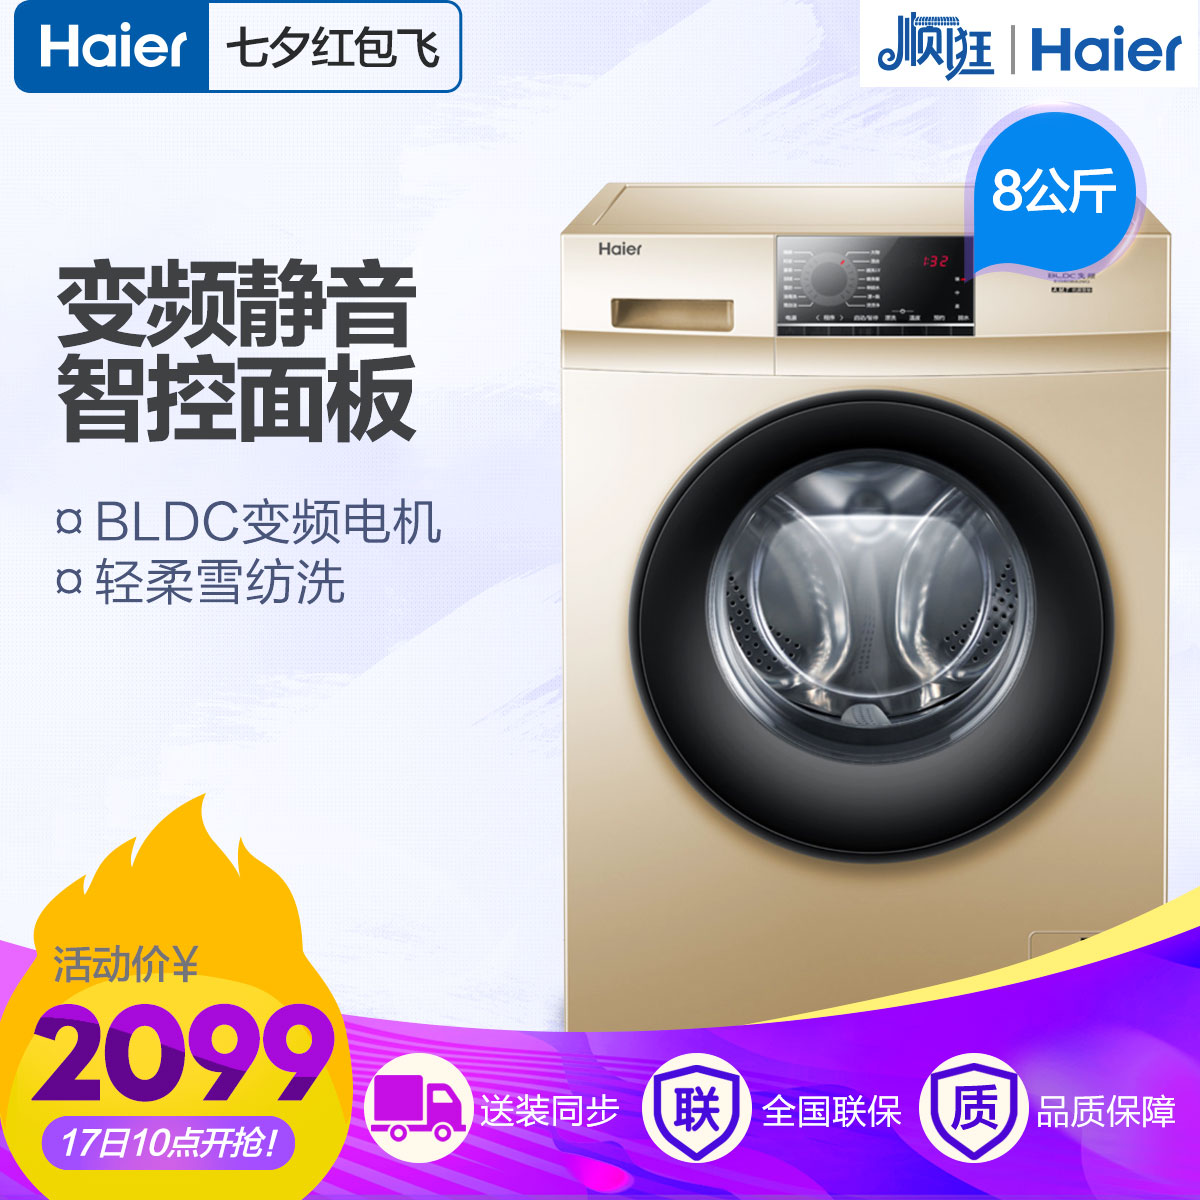 变频静音智控面板 消毒洗 EG80B829G 8公斤变频滚筒洗衣机